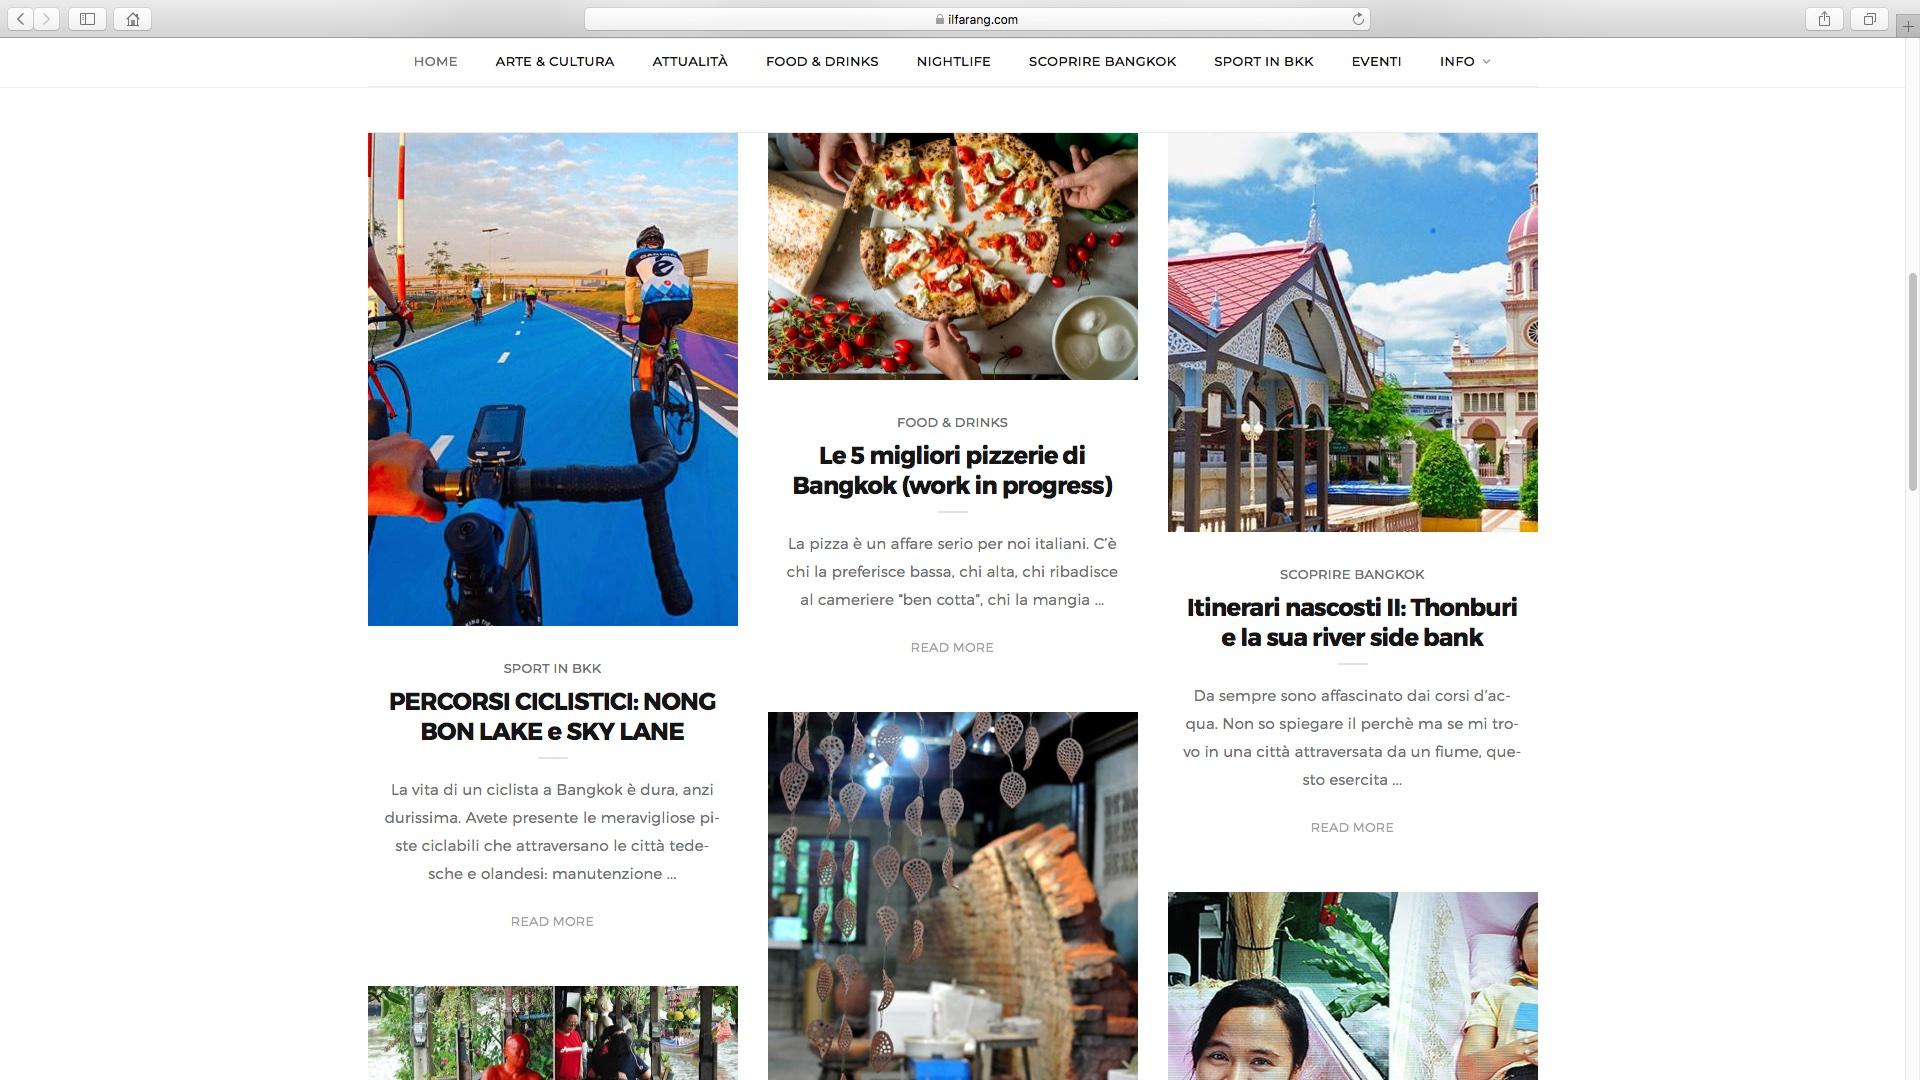 realizzazione-siti-web-internet-brescia-blog_qappuccino_3